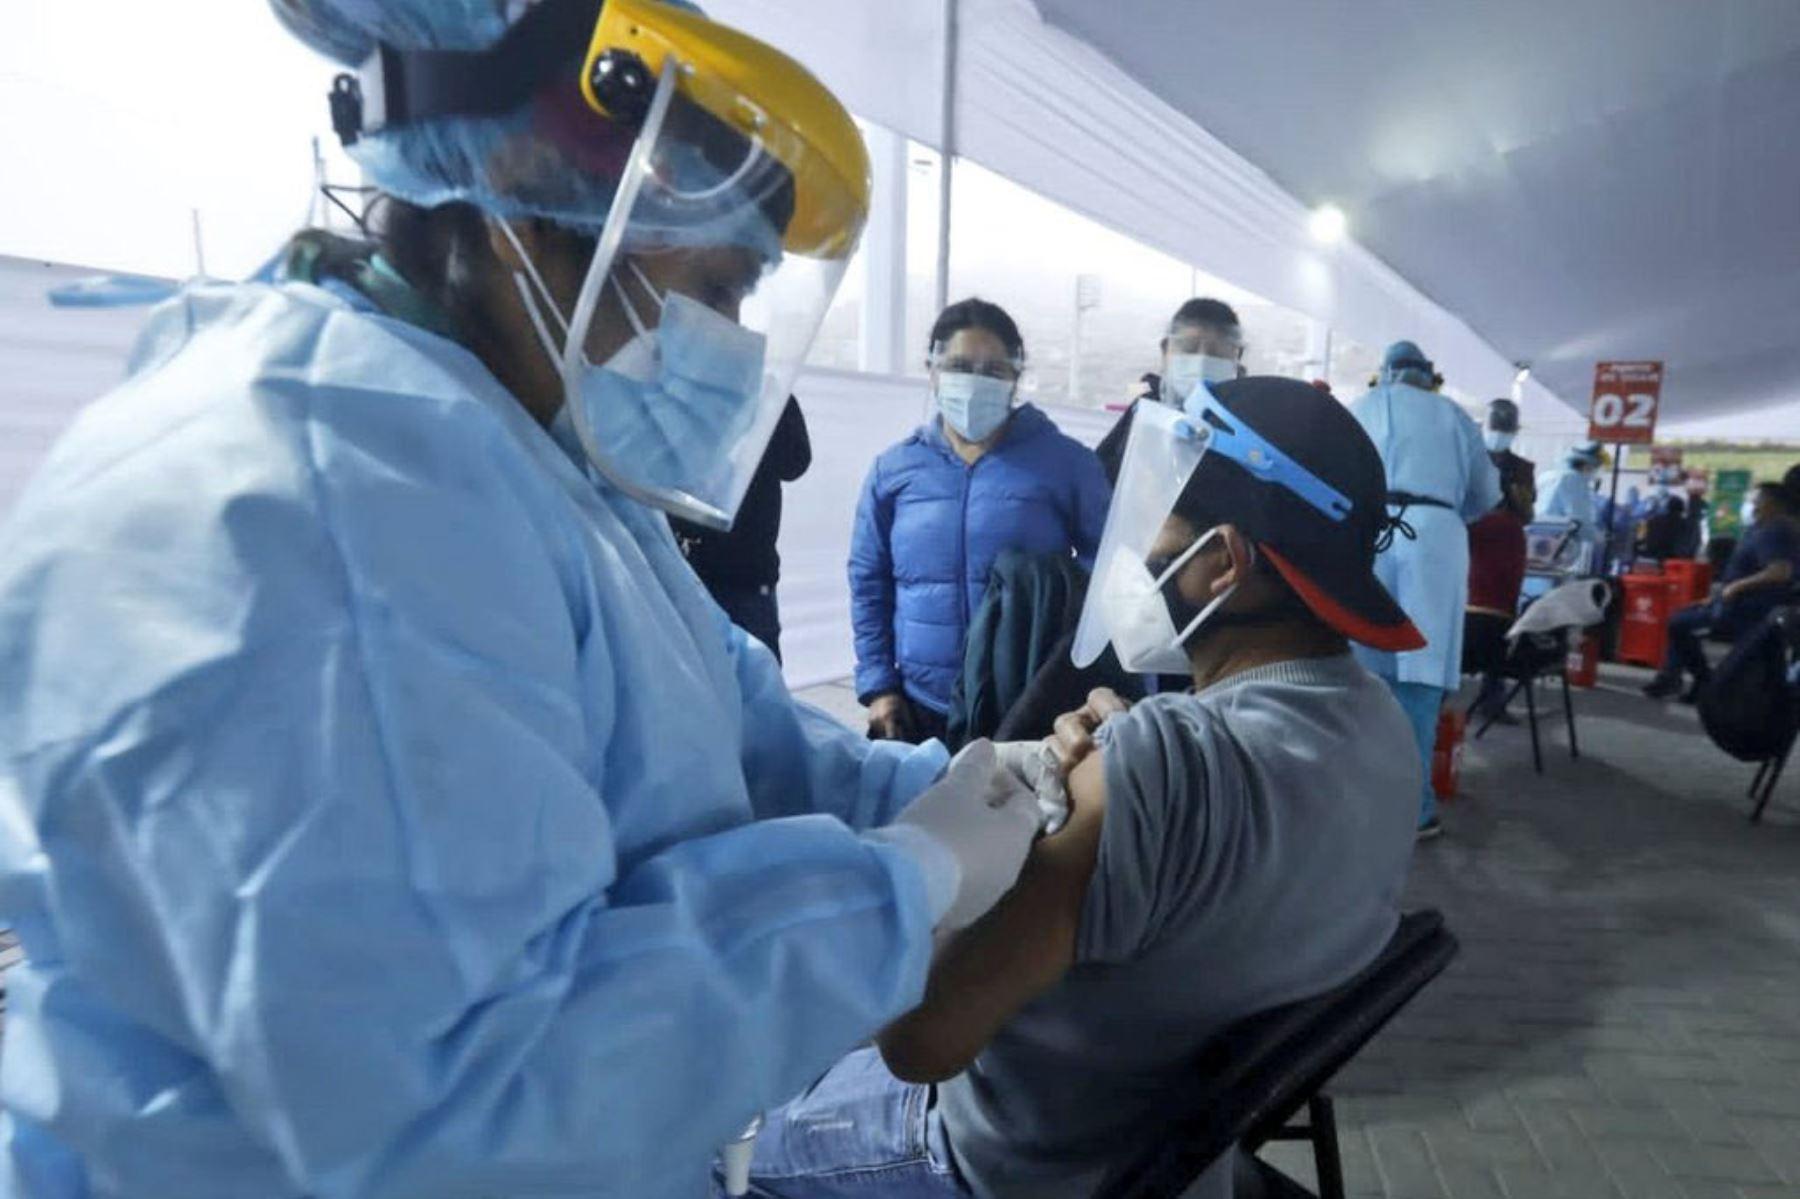 Empezó la primera jornada del Vacunatón contra la covid-19 en Lima Metropolitana y Callao. Hoy vacunan a los mayores de 47 años de manera ininterrumpida, incluyendo horario madrugada. Foto: Minsa